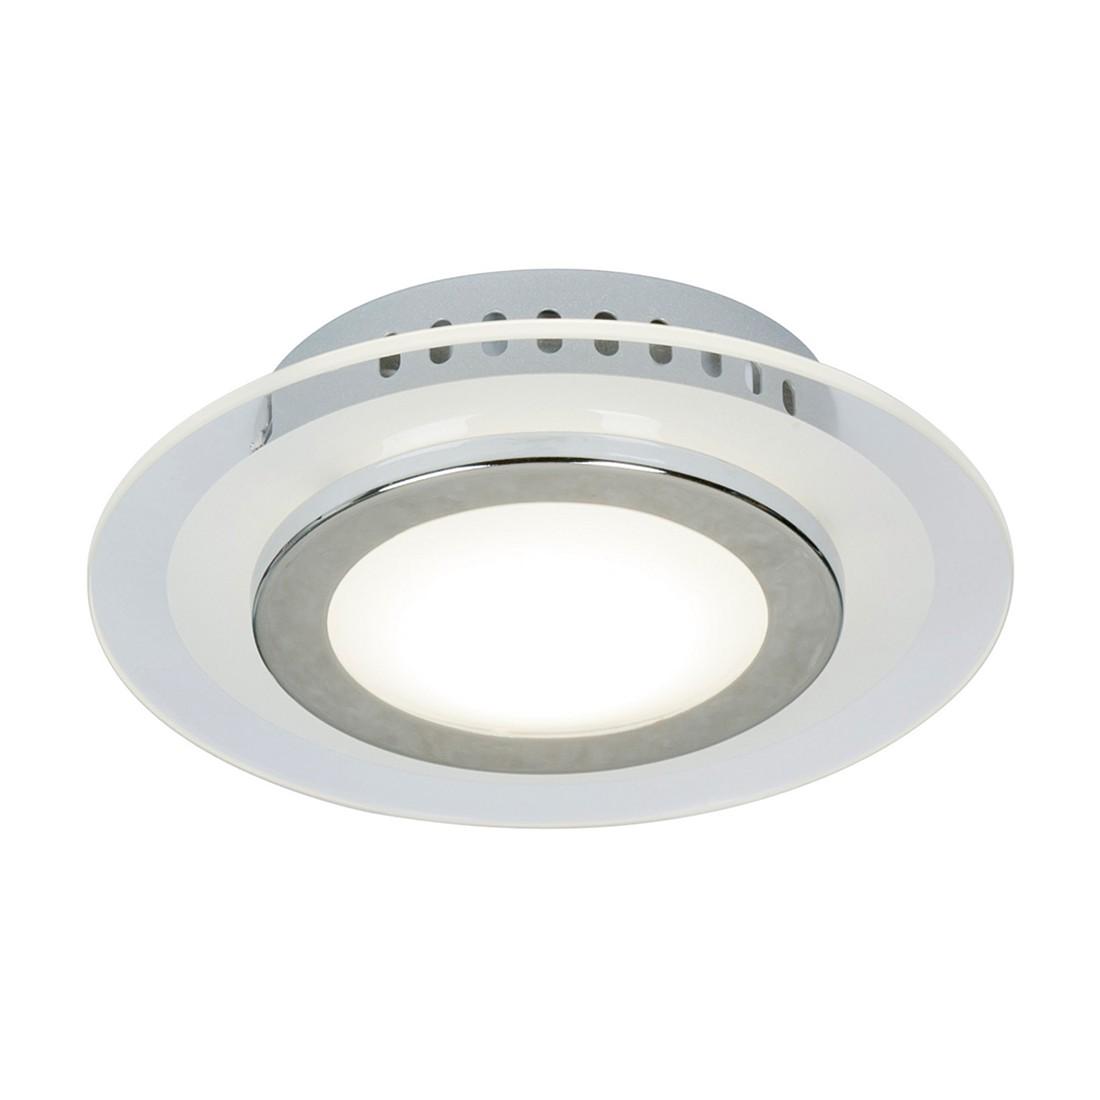 LED-Deckenleuchte 1-flammig ● Chrom glänzend Ø 20 cm- Steinhauer A+